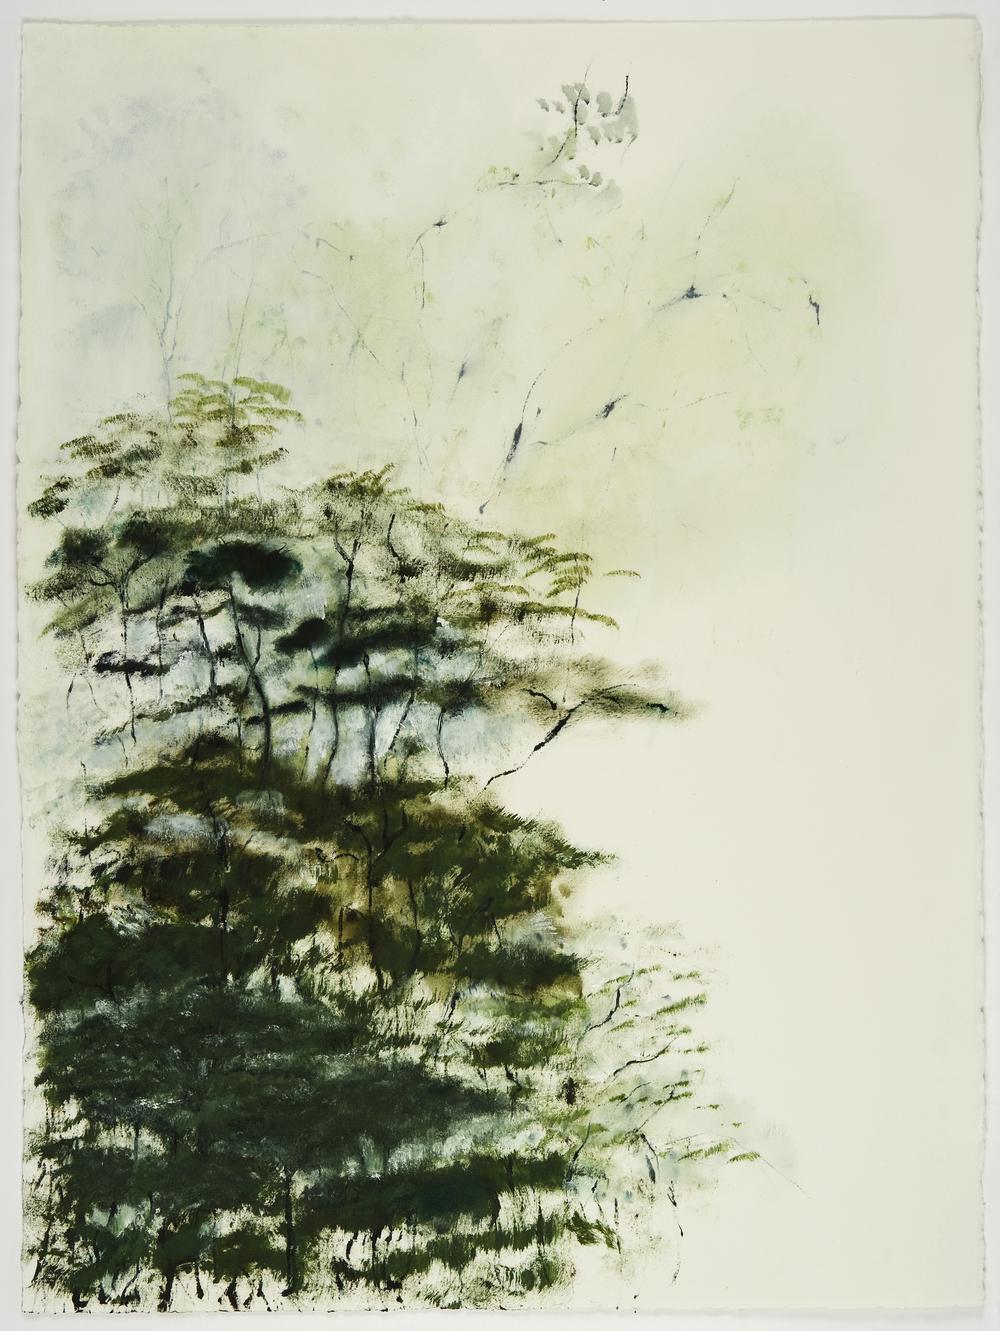 Trees and Fog 2 med LG.jpg